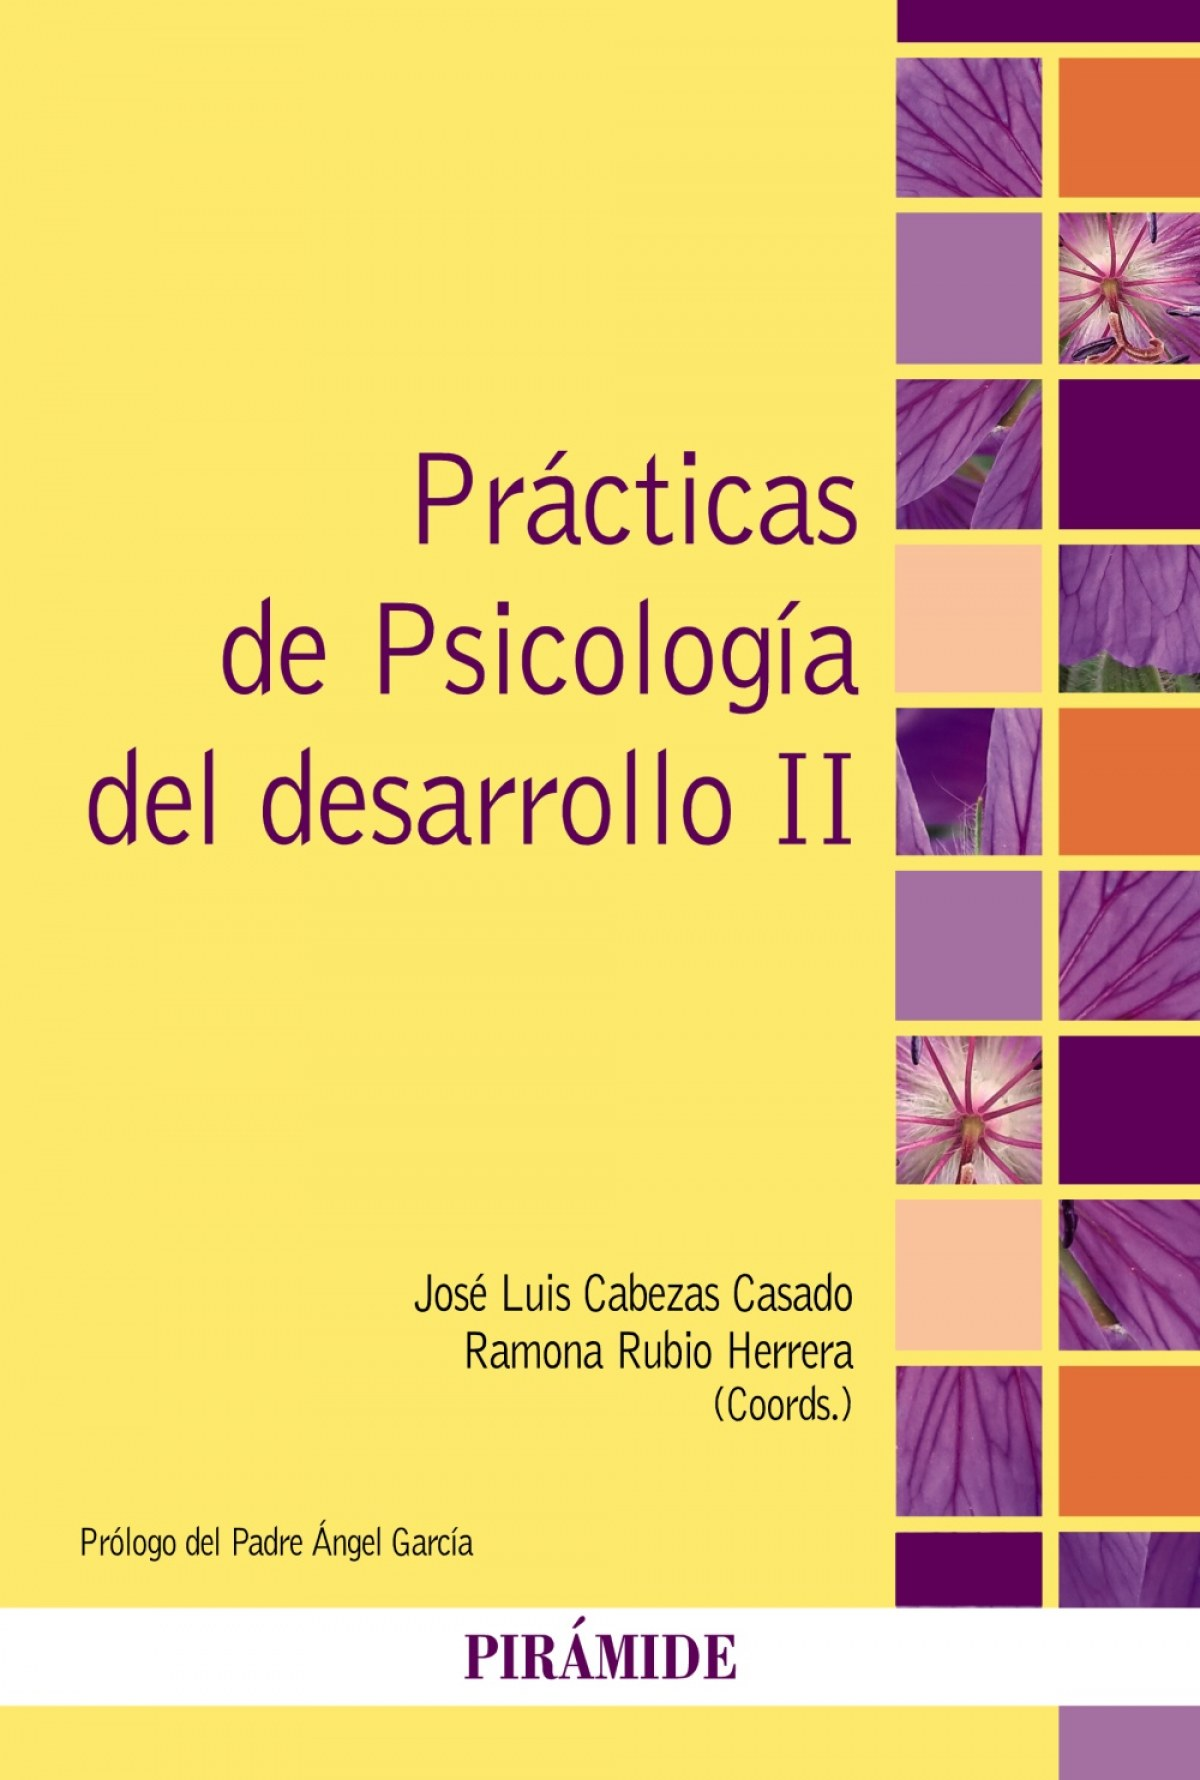 PRACTICAS DE PSICOLOGIA DEL DESARROLLO II.(PSICOLOGIA)